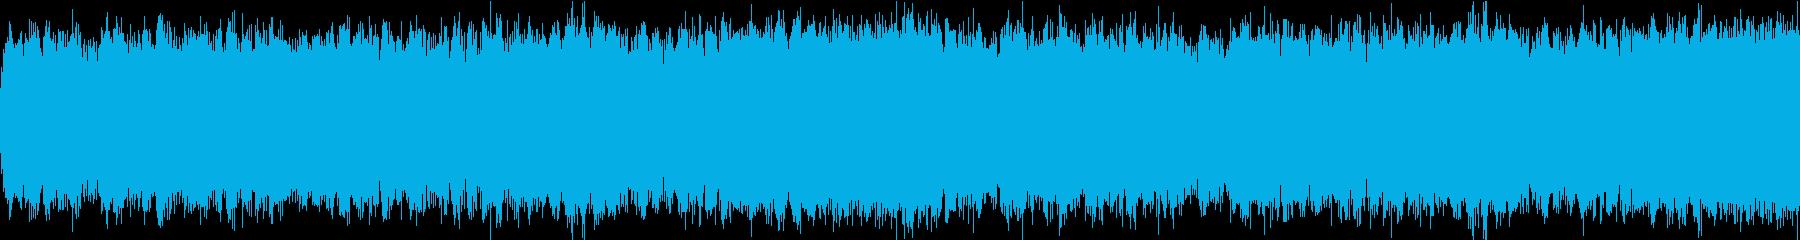 緊迫のバトル オーケストラ風   ループの再生済みの波形